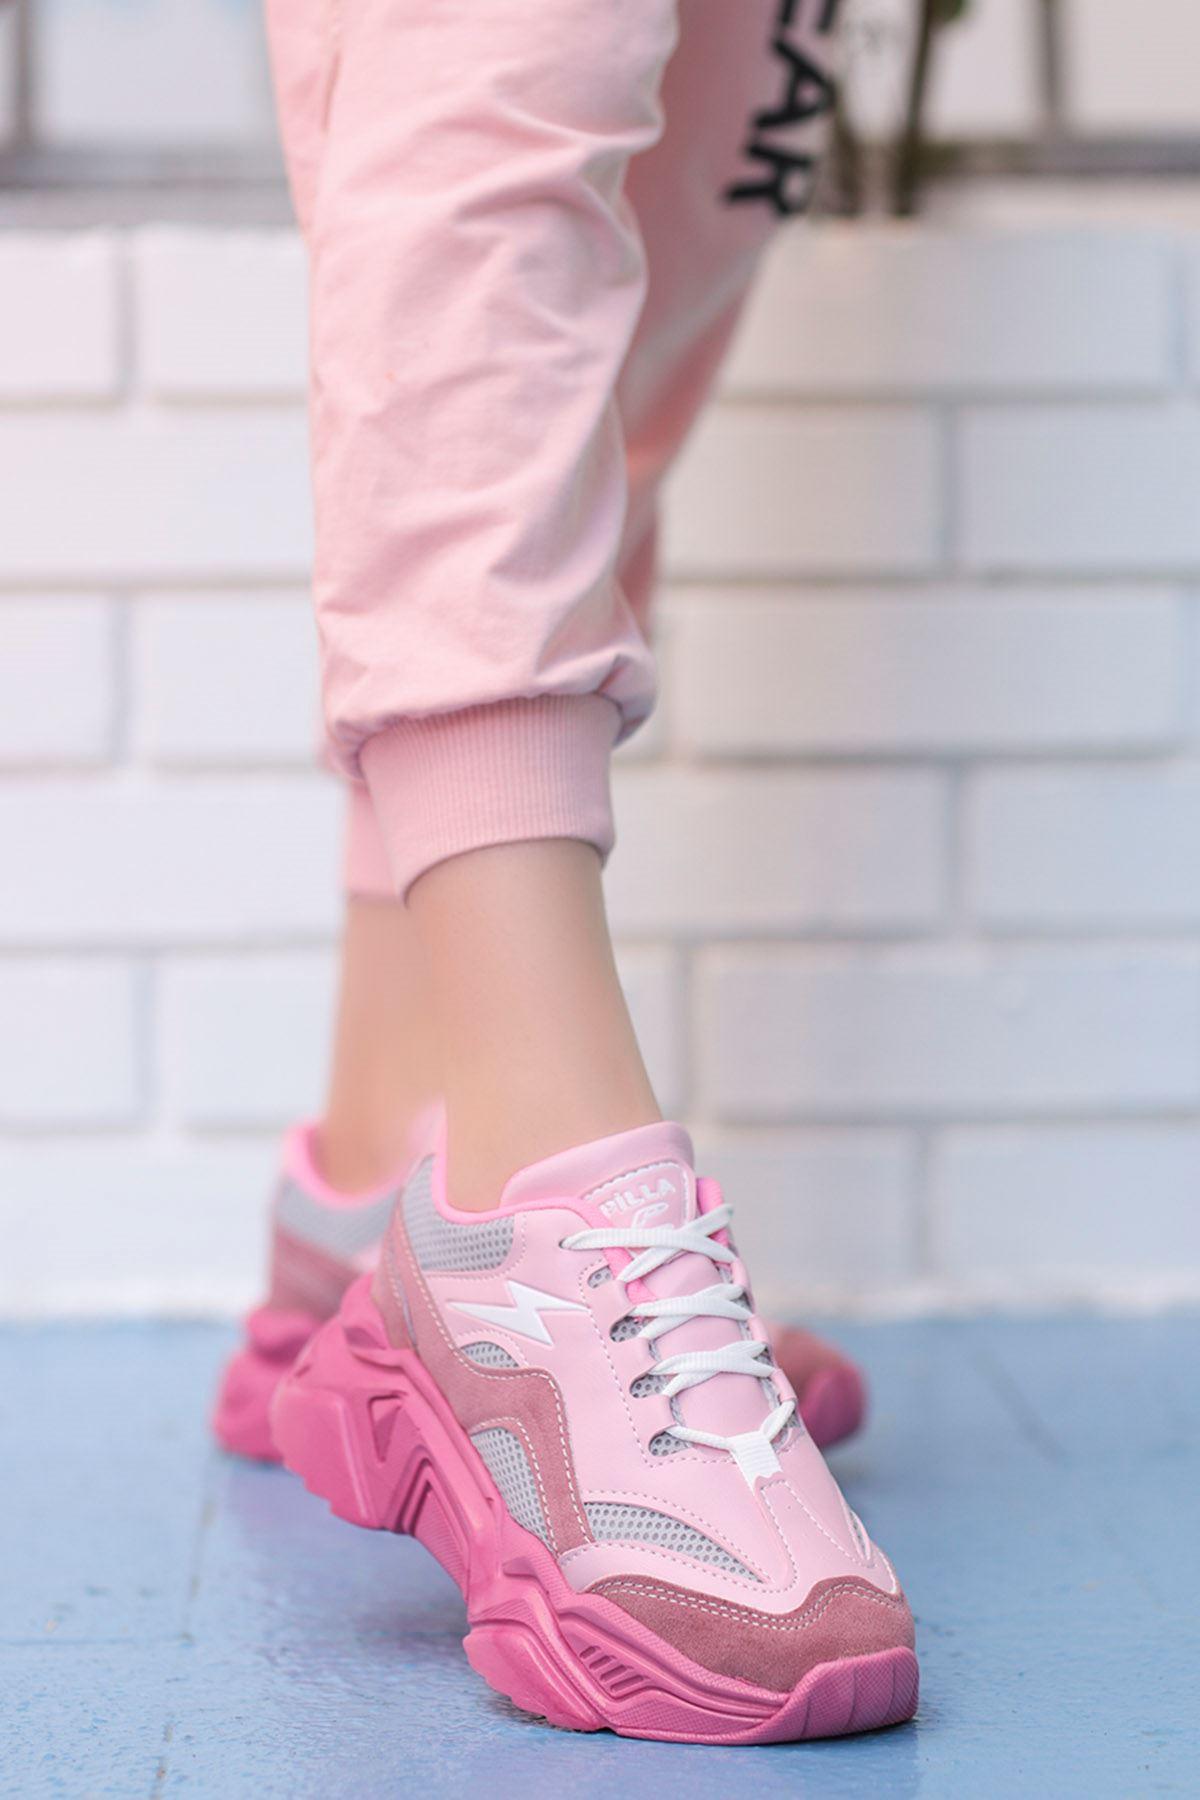 Rosse-Spor Ayakkabı Pudra Fuşya Taban